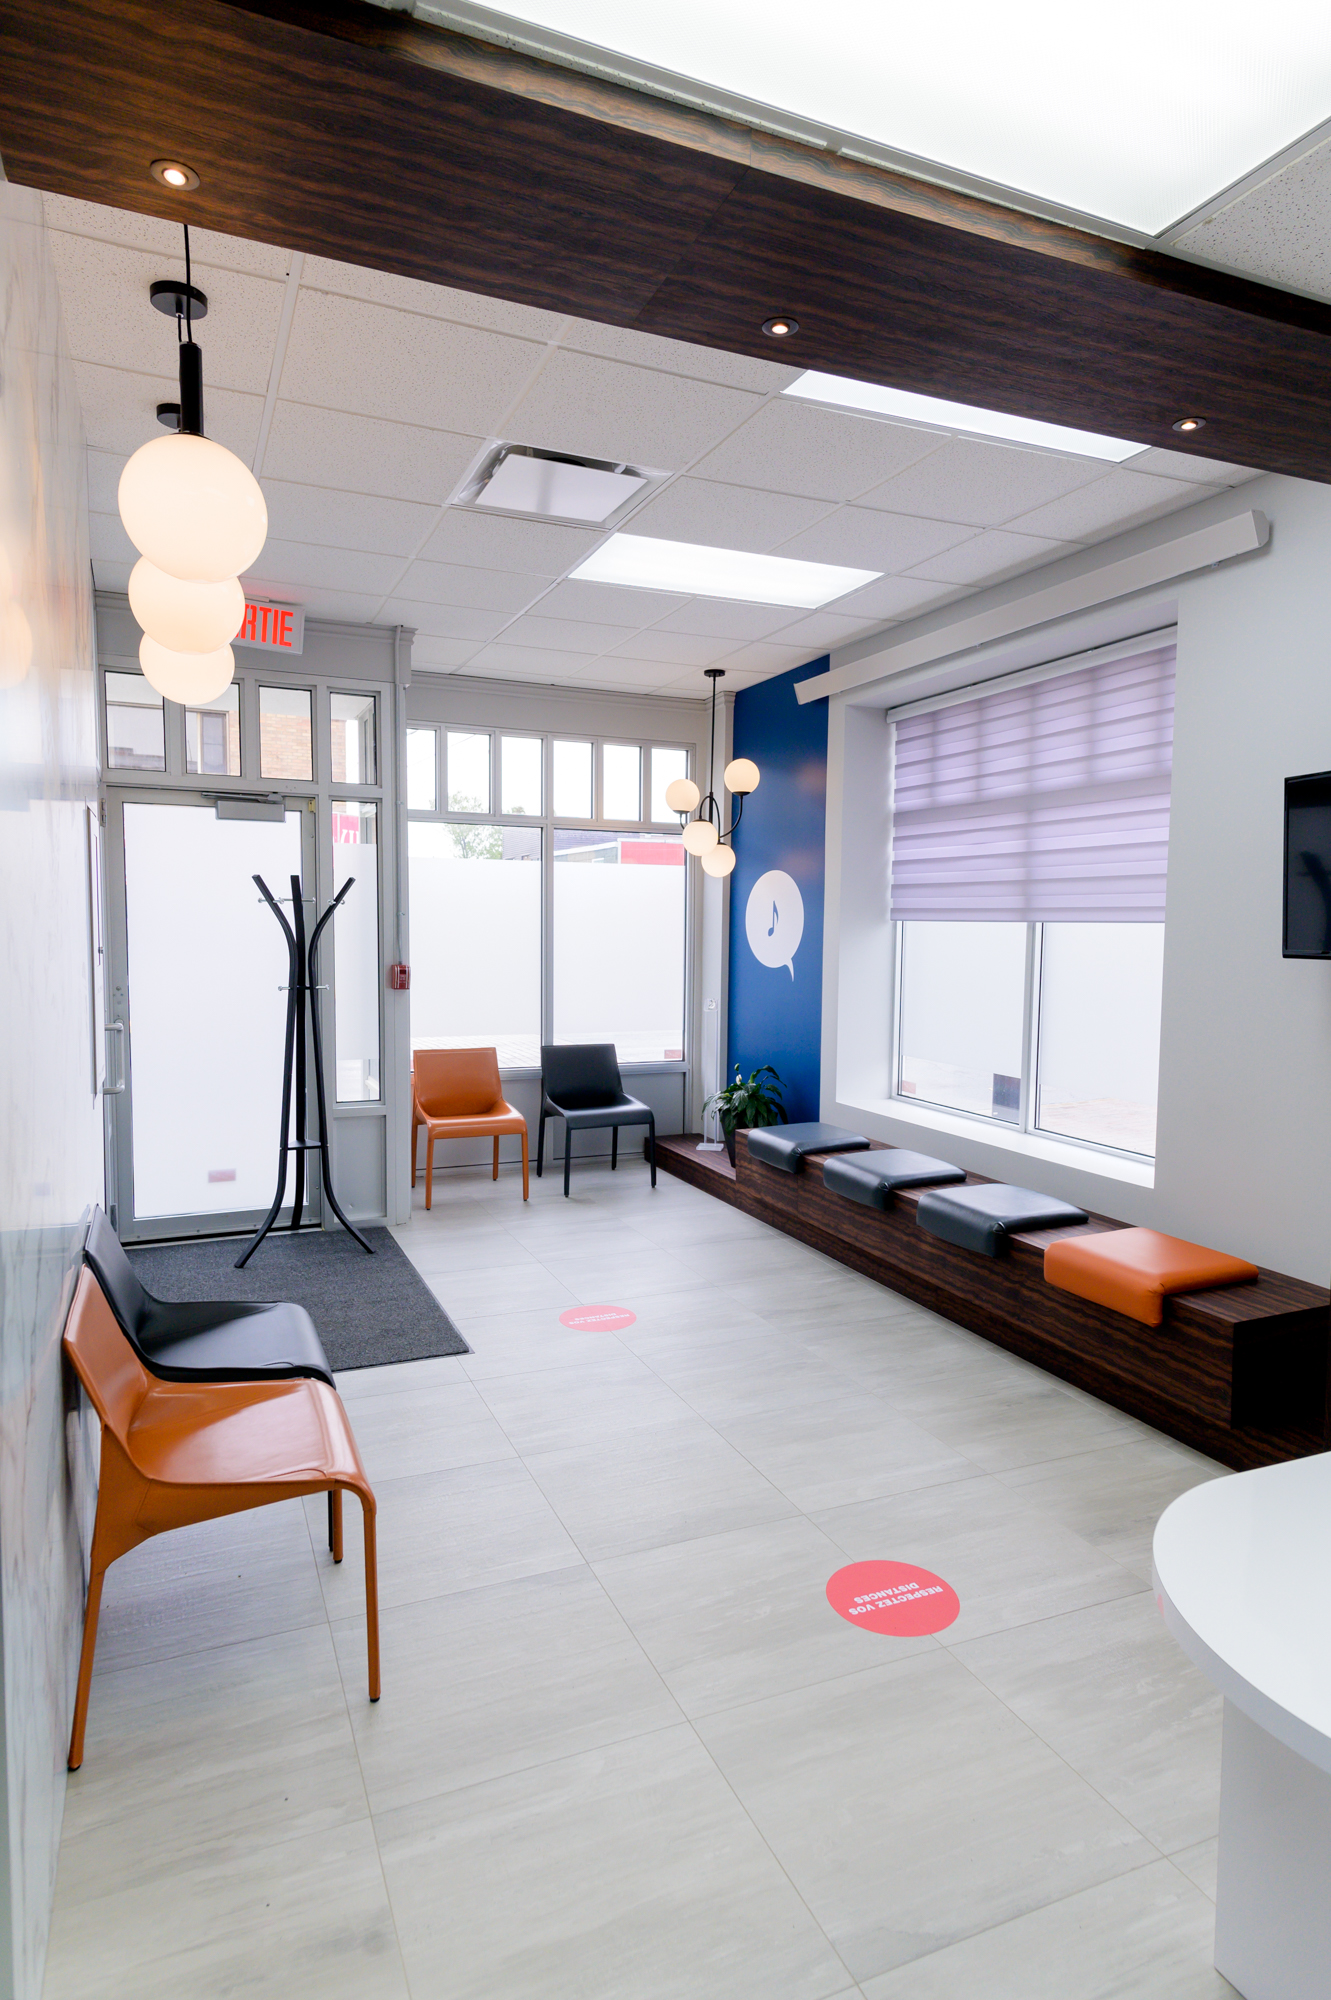 Réalisation design commercial Centre Auditif Abitibi réception place assise Struktura 2020